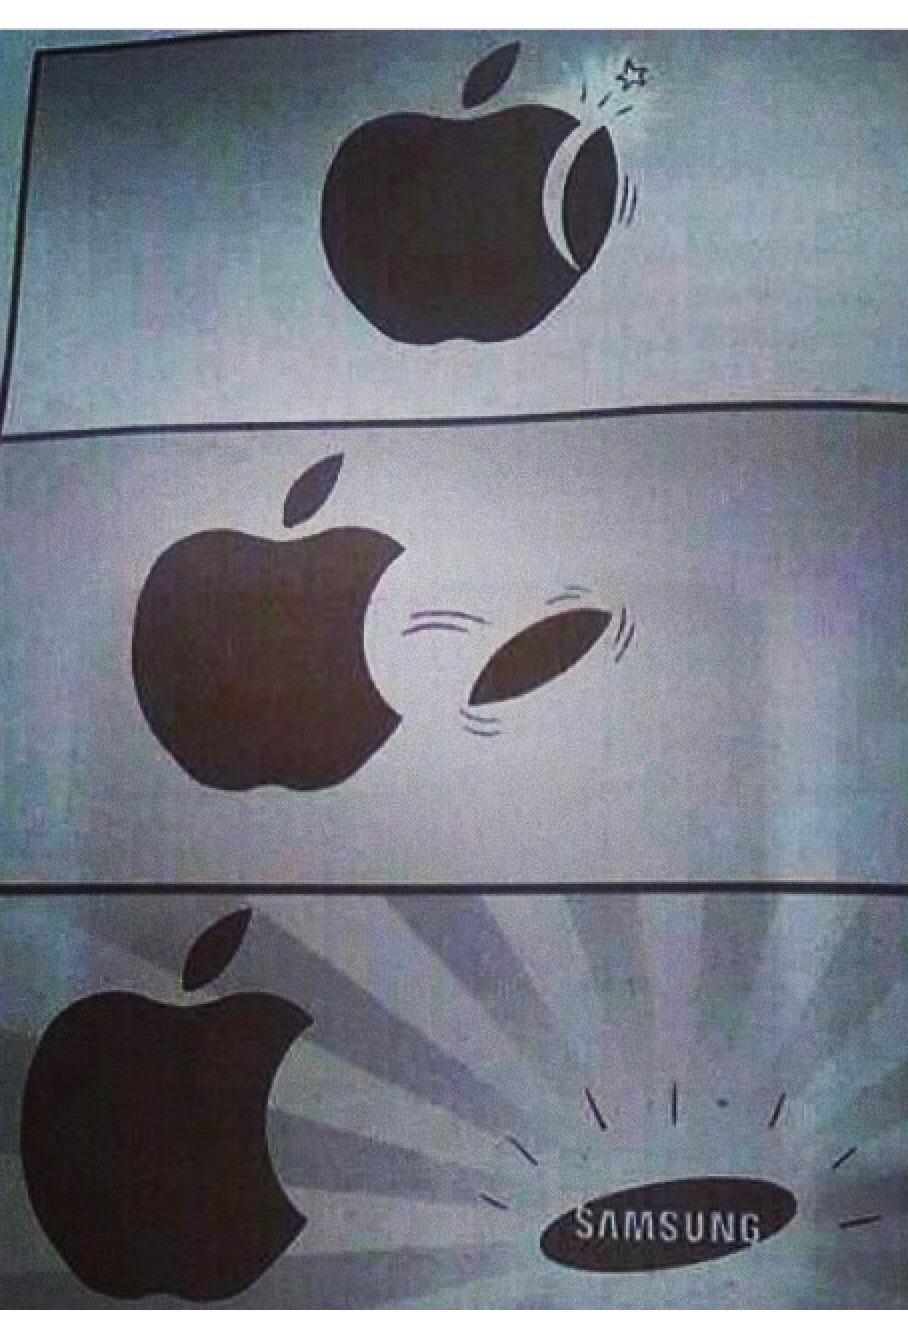 Samsung y Apple - meme